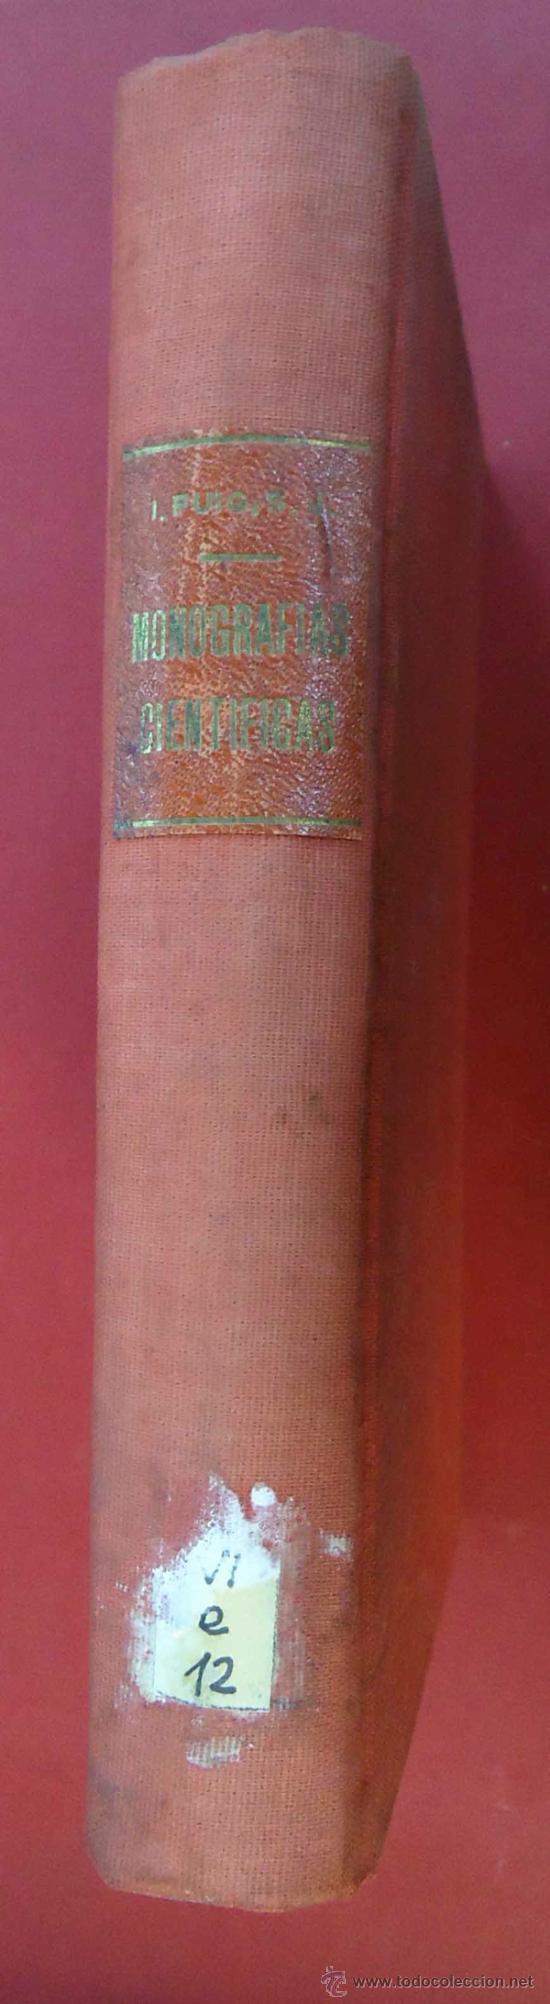 Libros antiguos: MONOGRAFIAS CIENTIFICAS. IGNACIO PUIG. TOMO I. 1949. BARCELONA. - Foto 4 - 38110370